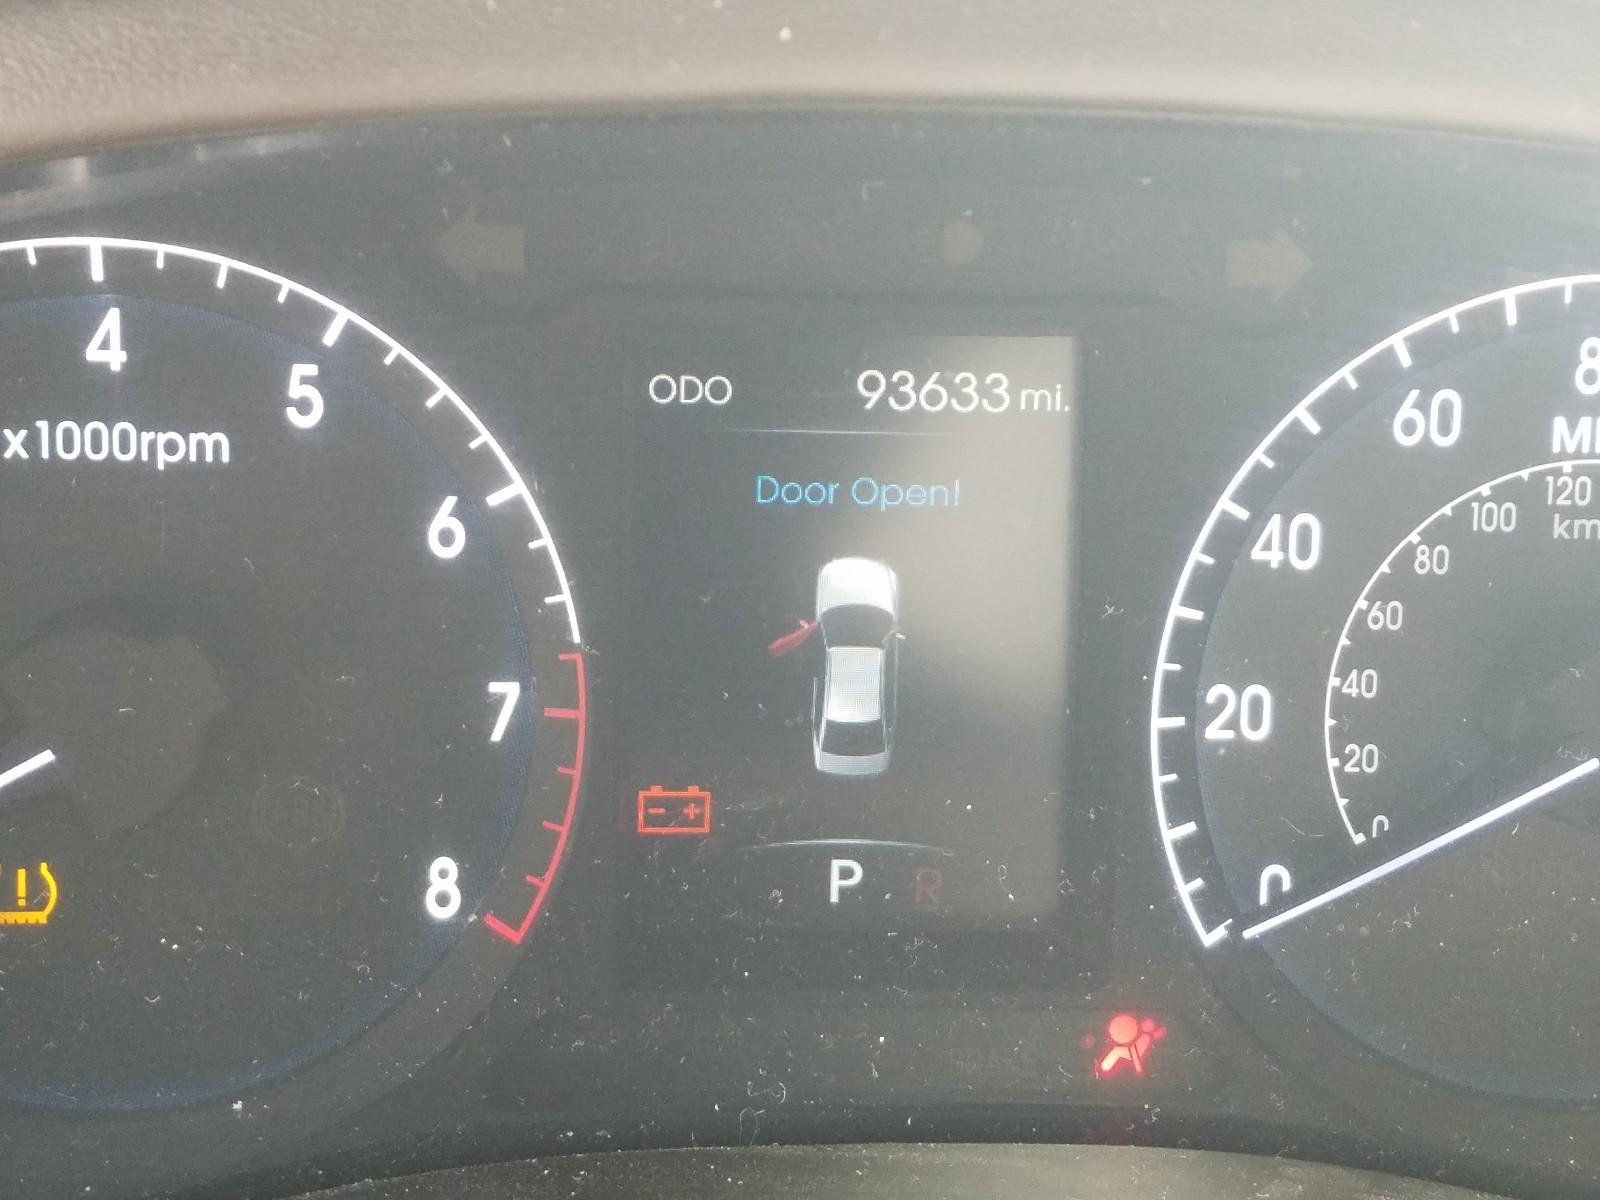 2012 Hyundai Genesis 4. 4.6L front view